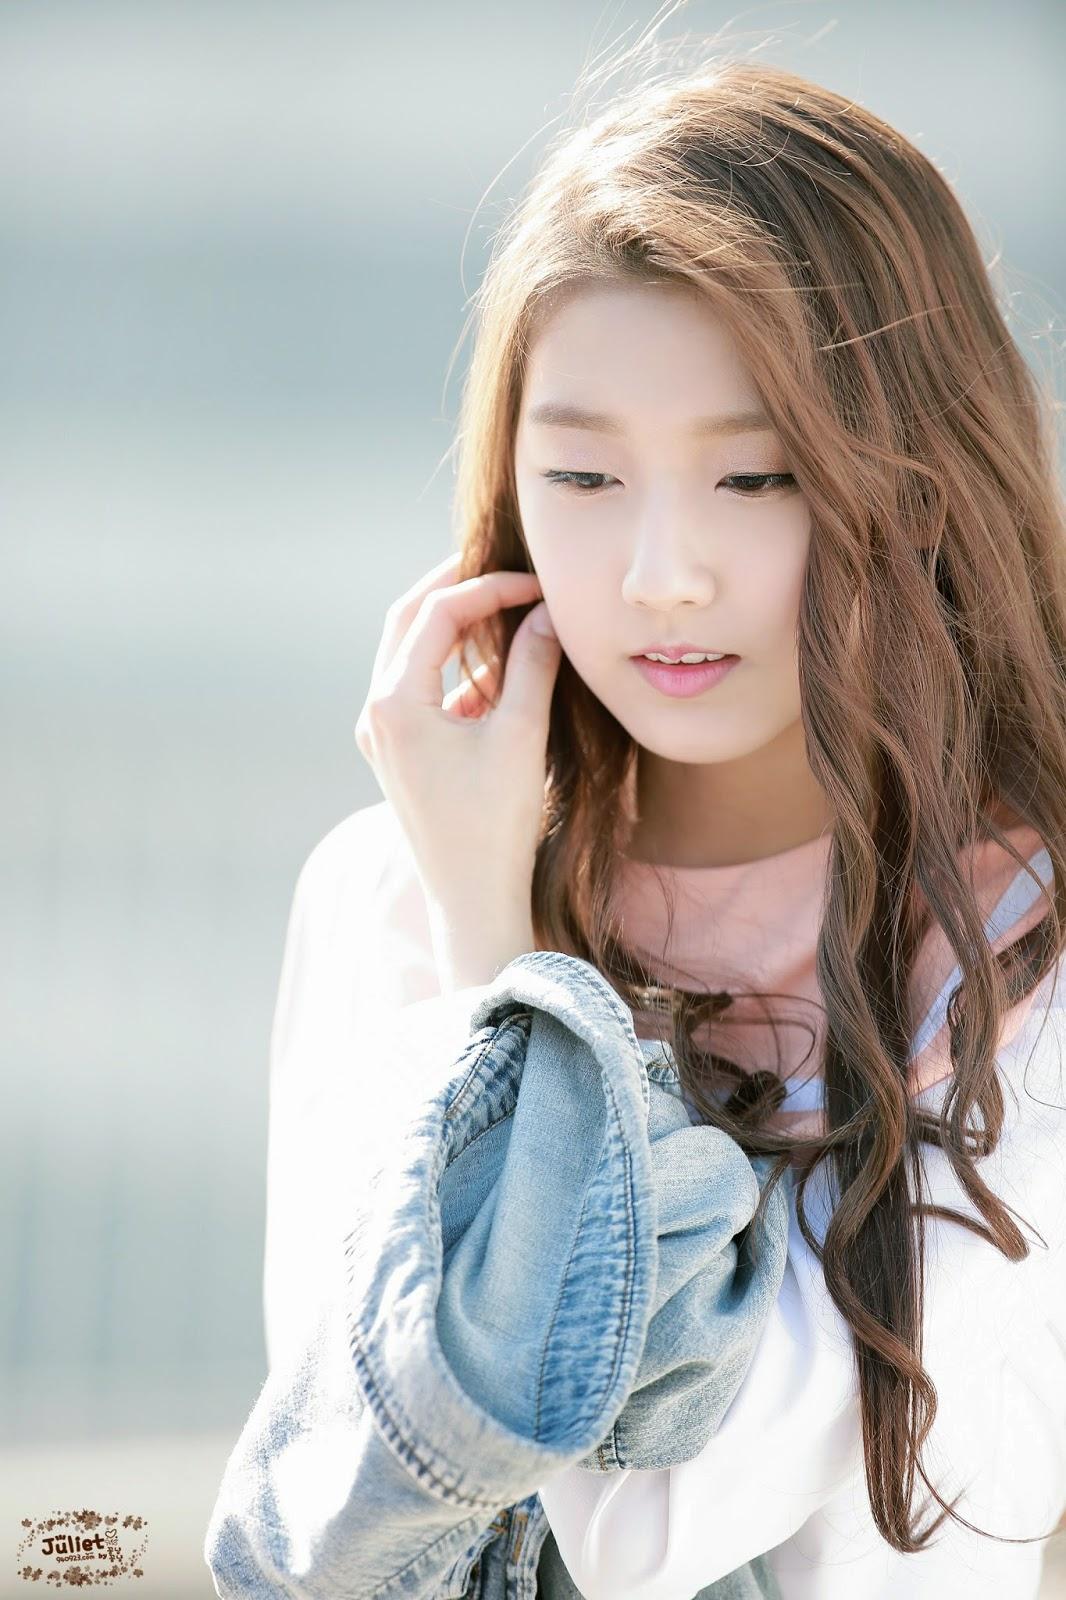 lovelyz yein